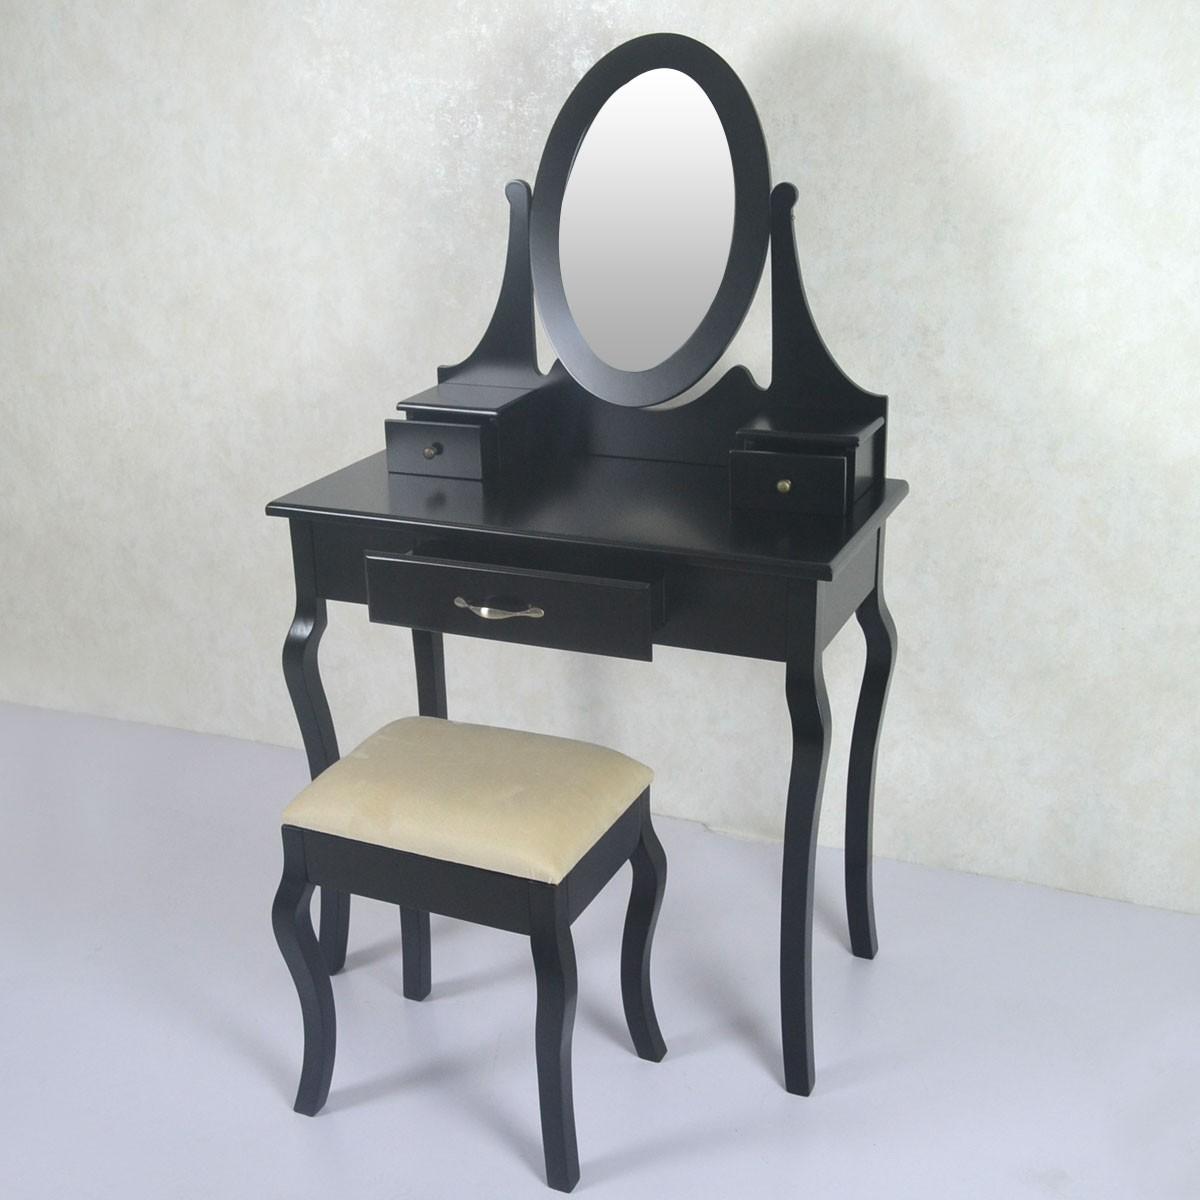 coiffeuse avec tabouret et miroir ji3305 decoraport canada. Black Bedroom Furniture Sets. Home Design Ideas